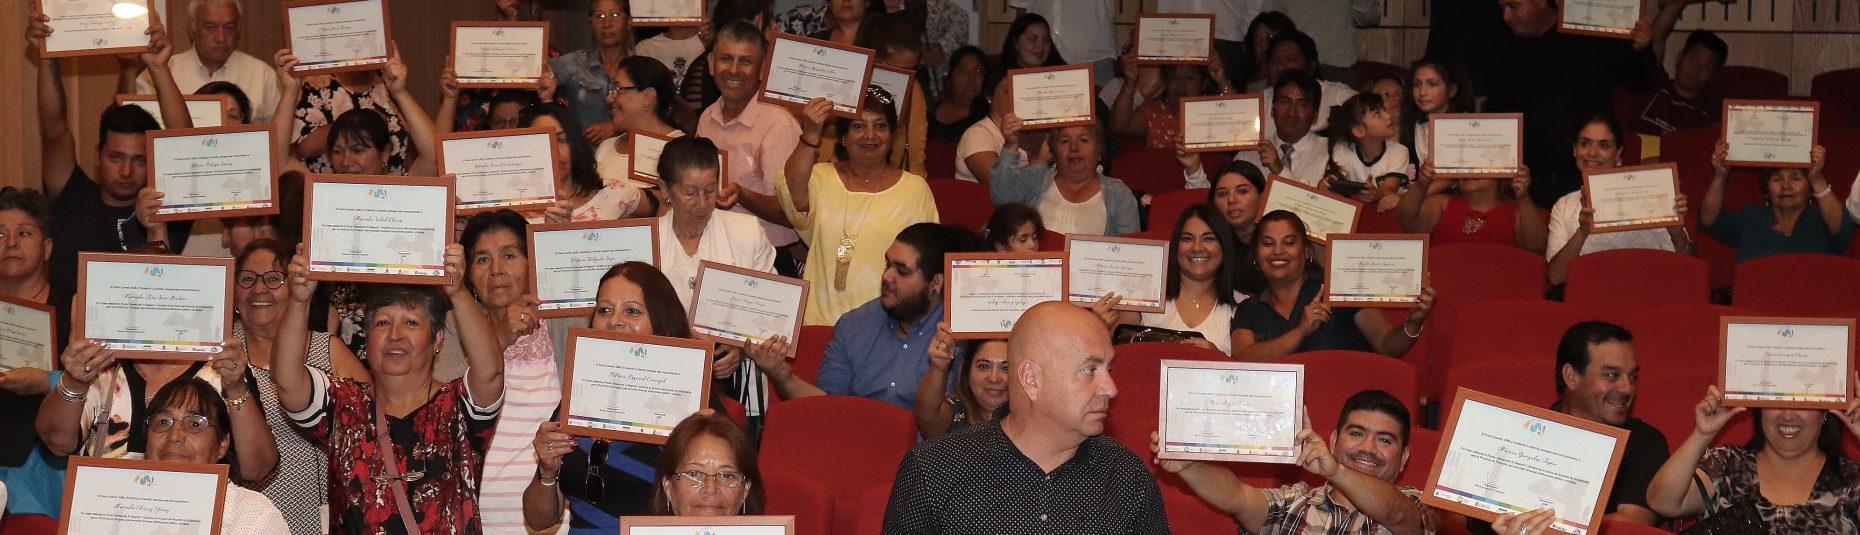 Más de un centenar de empresarios de Tocopilla, María Elena y Quillagua potenciarán sus emprendimientos con Fondo Reimpulsa tu Negocio